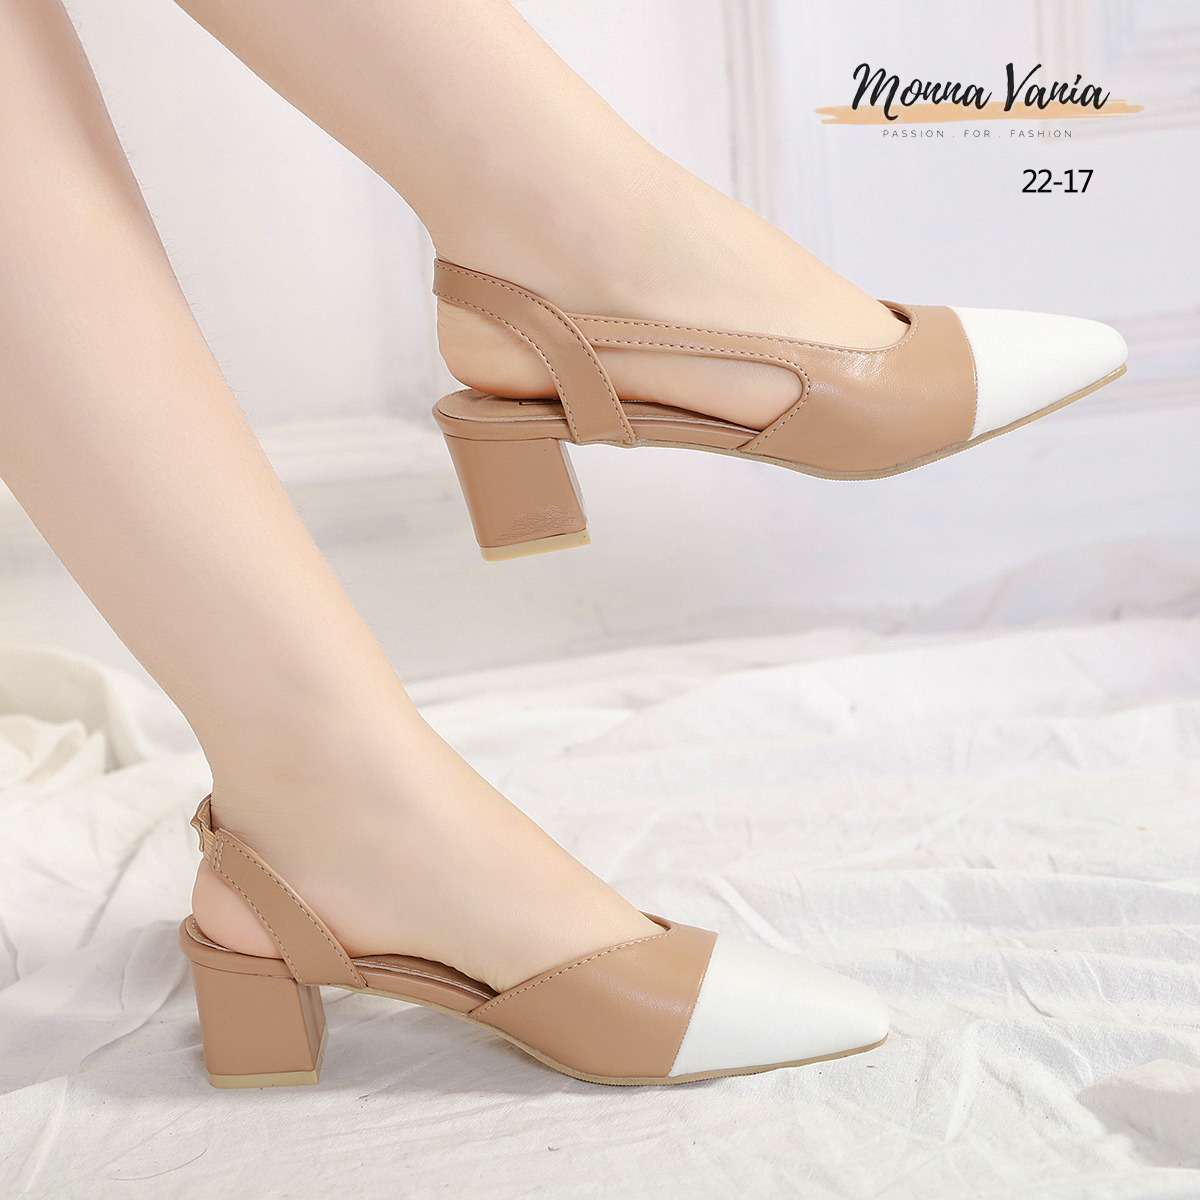 sepatu wanita import murah 202022-17H4sepatu wanita import terbaru,sepatu wanita import batam,sepatu wanita import ready stock